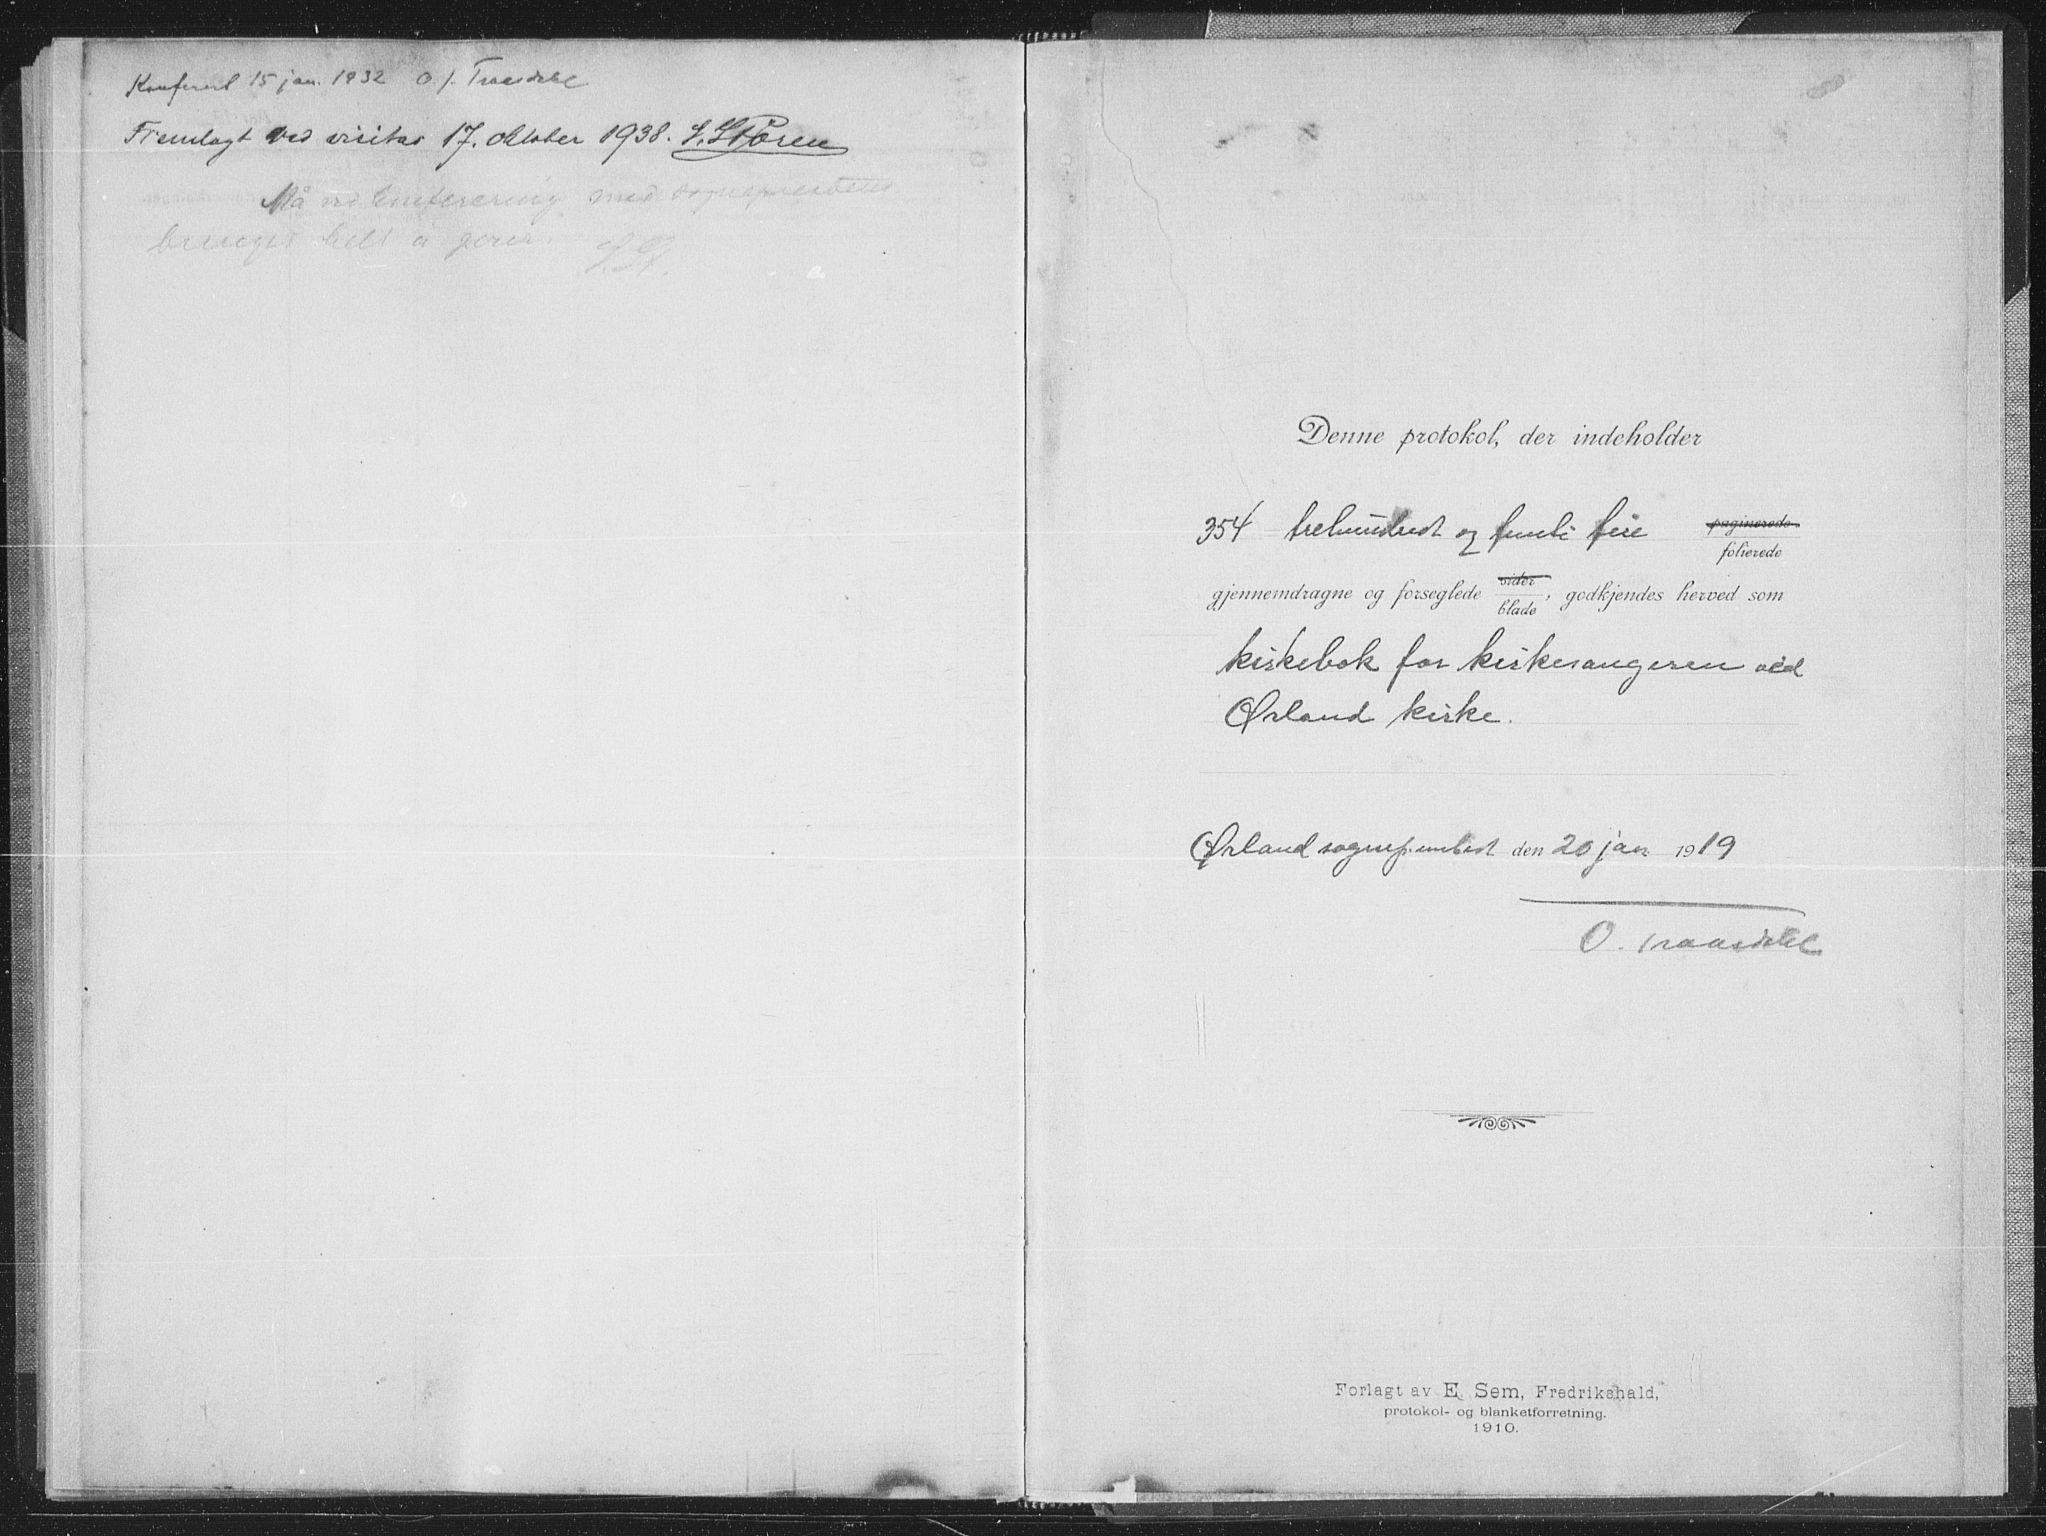 SAT, Ministerialprotokoller, klokkerbøker og fødselsregistre - Sør-Trøndelag, 659/L0747: Klokkerbok nr. 659C04, 1913-1938